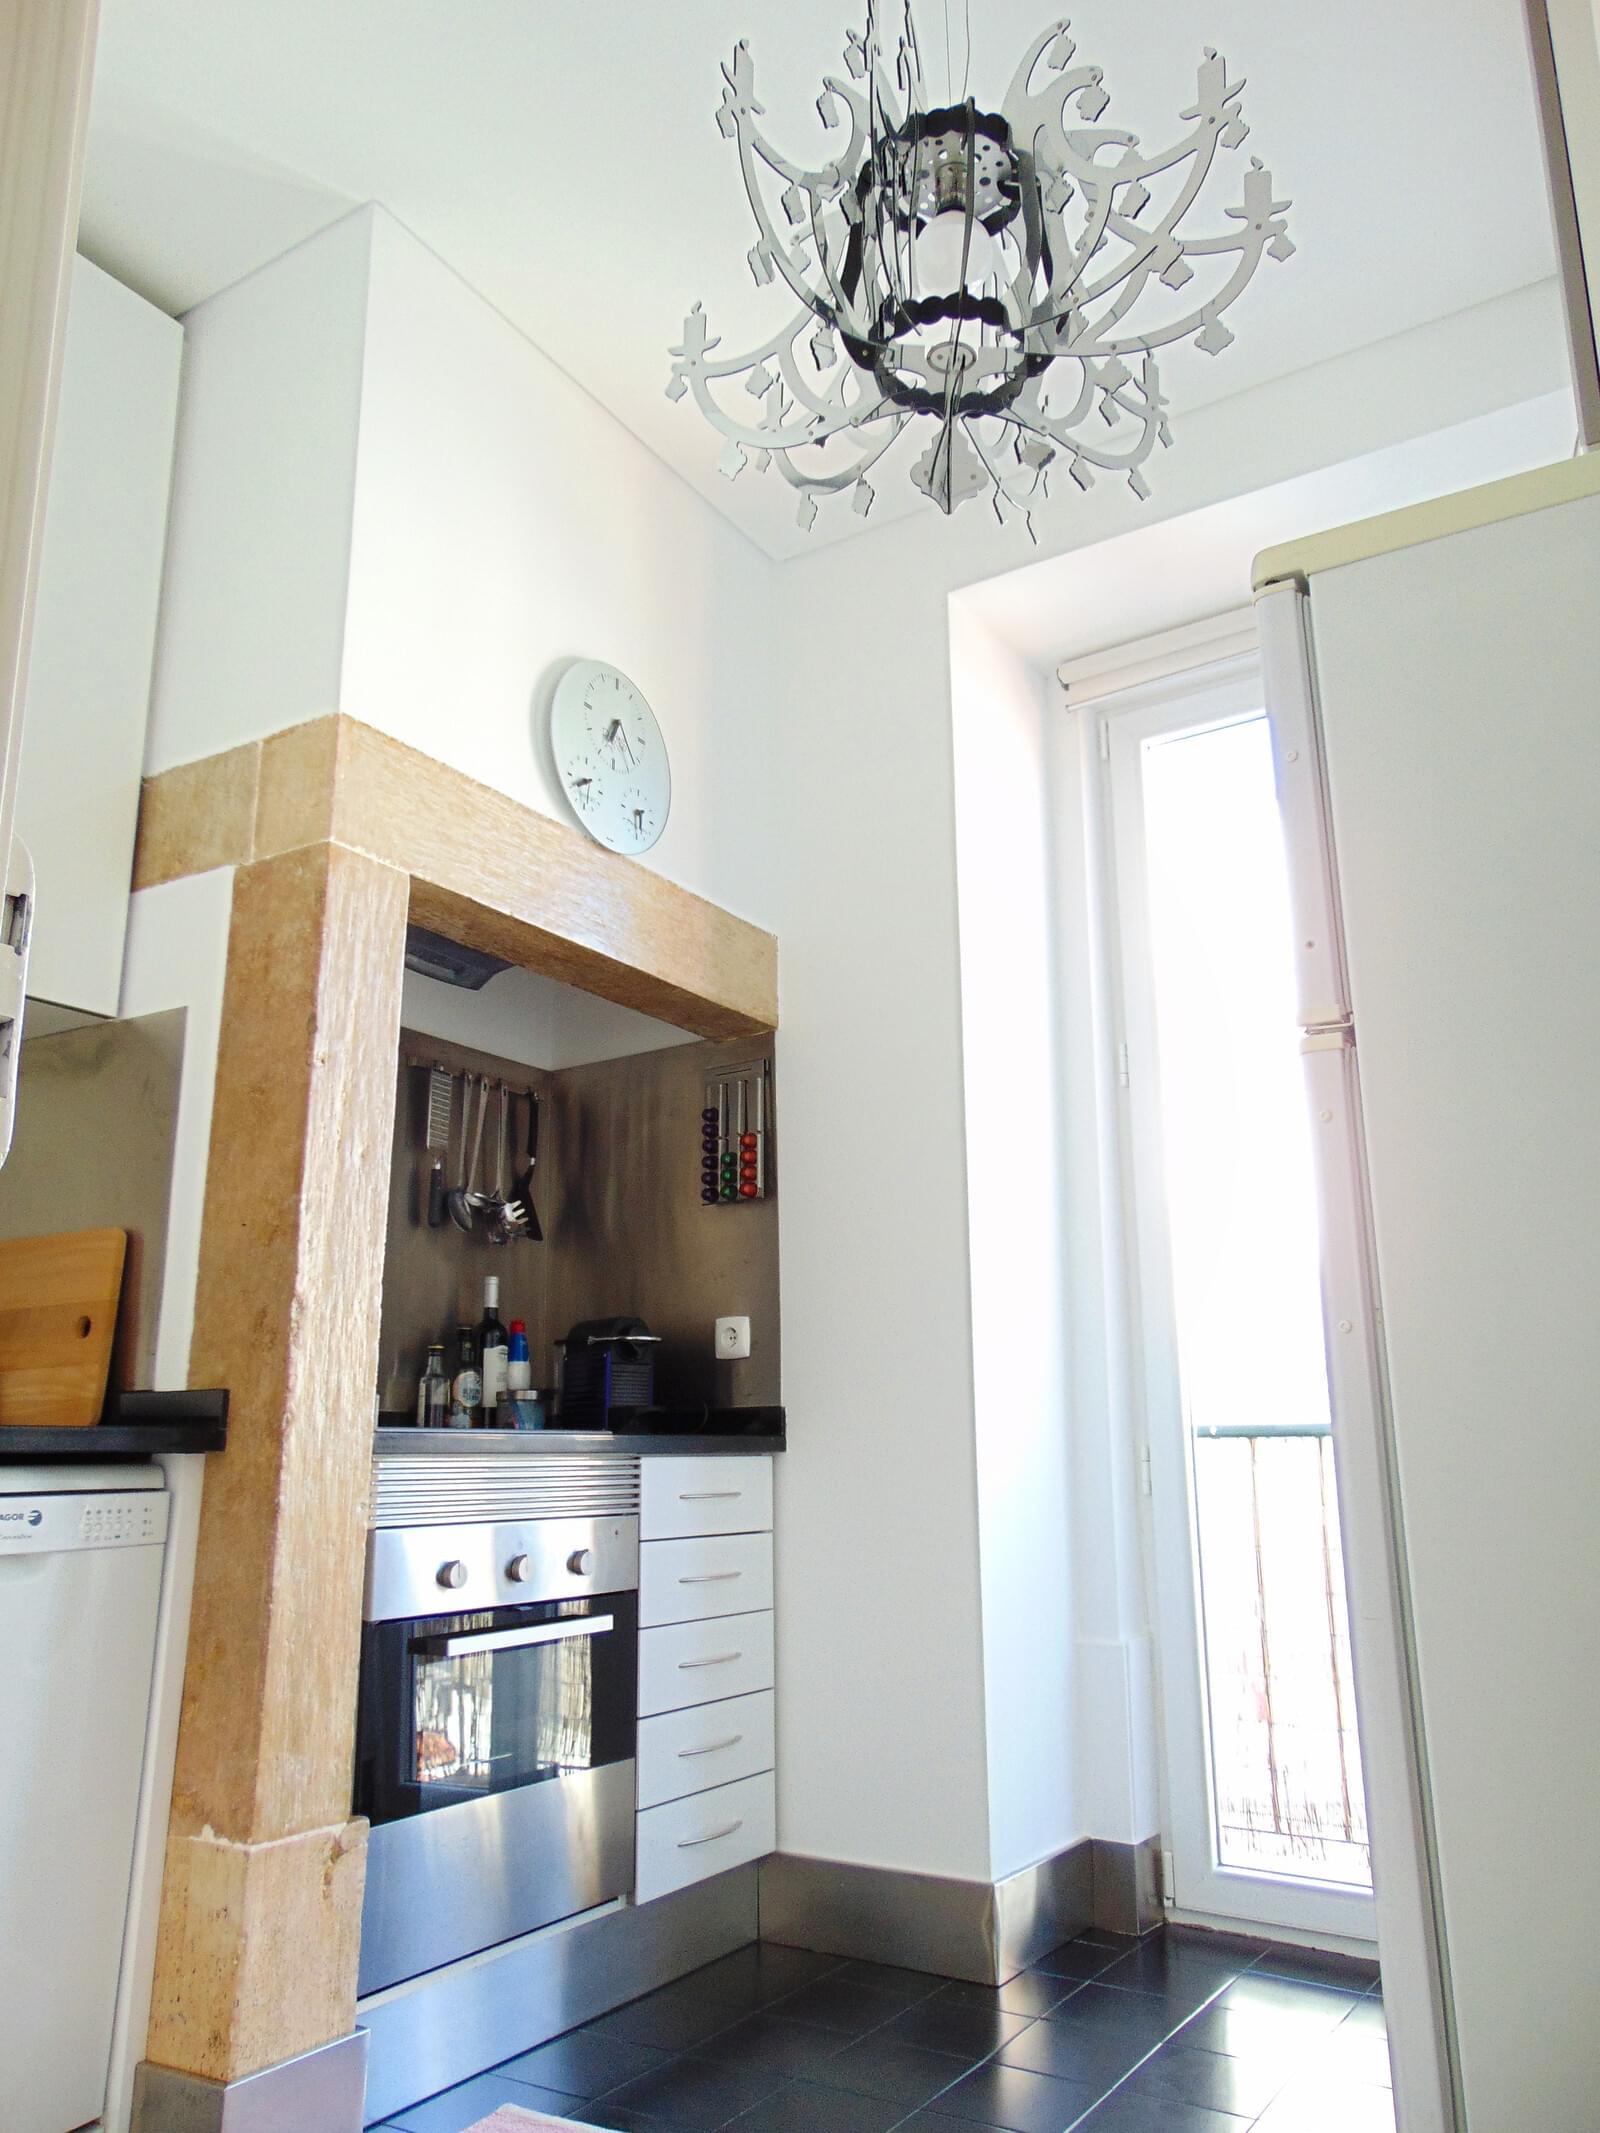 pf18269-apartamento-t1-lisboa-0210eb49-053d-407b-83d8-7345818bbdf7